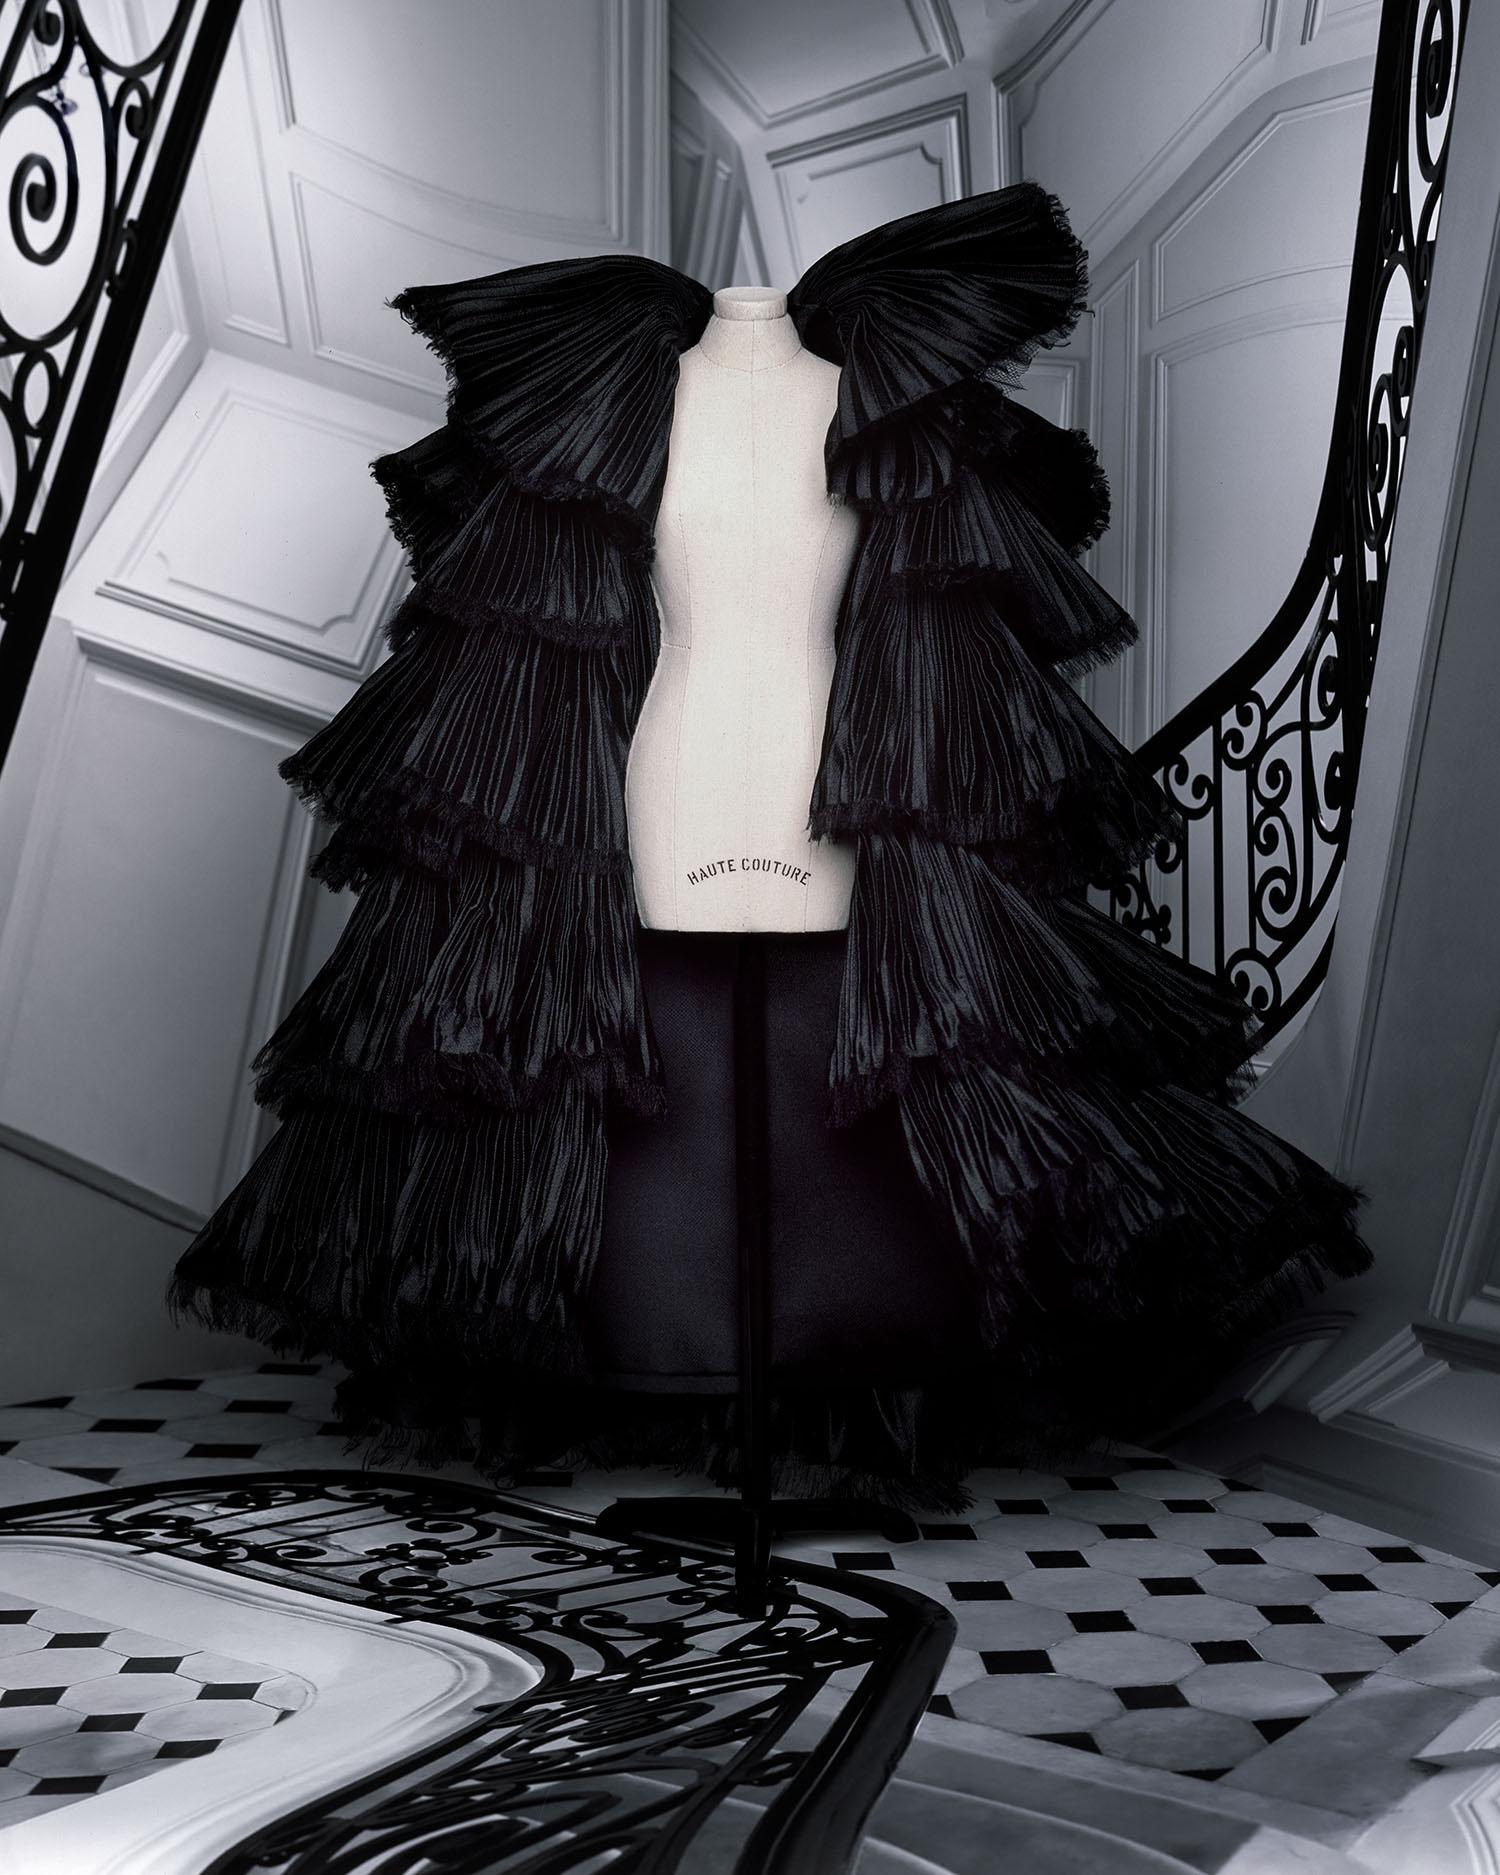 bst dior haute couture thu đông 2021 look 37